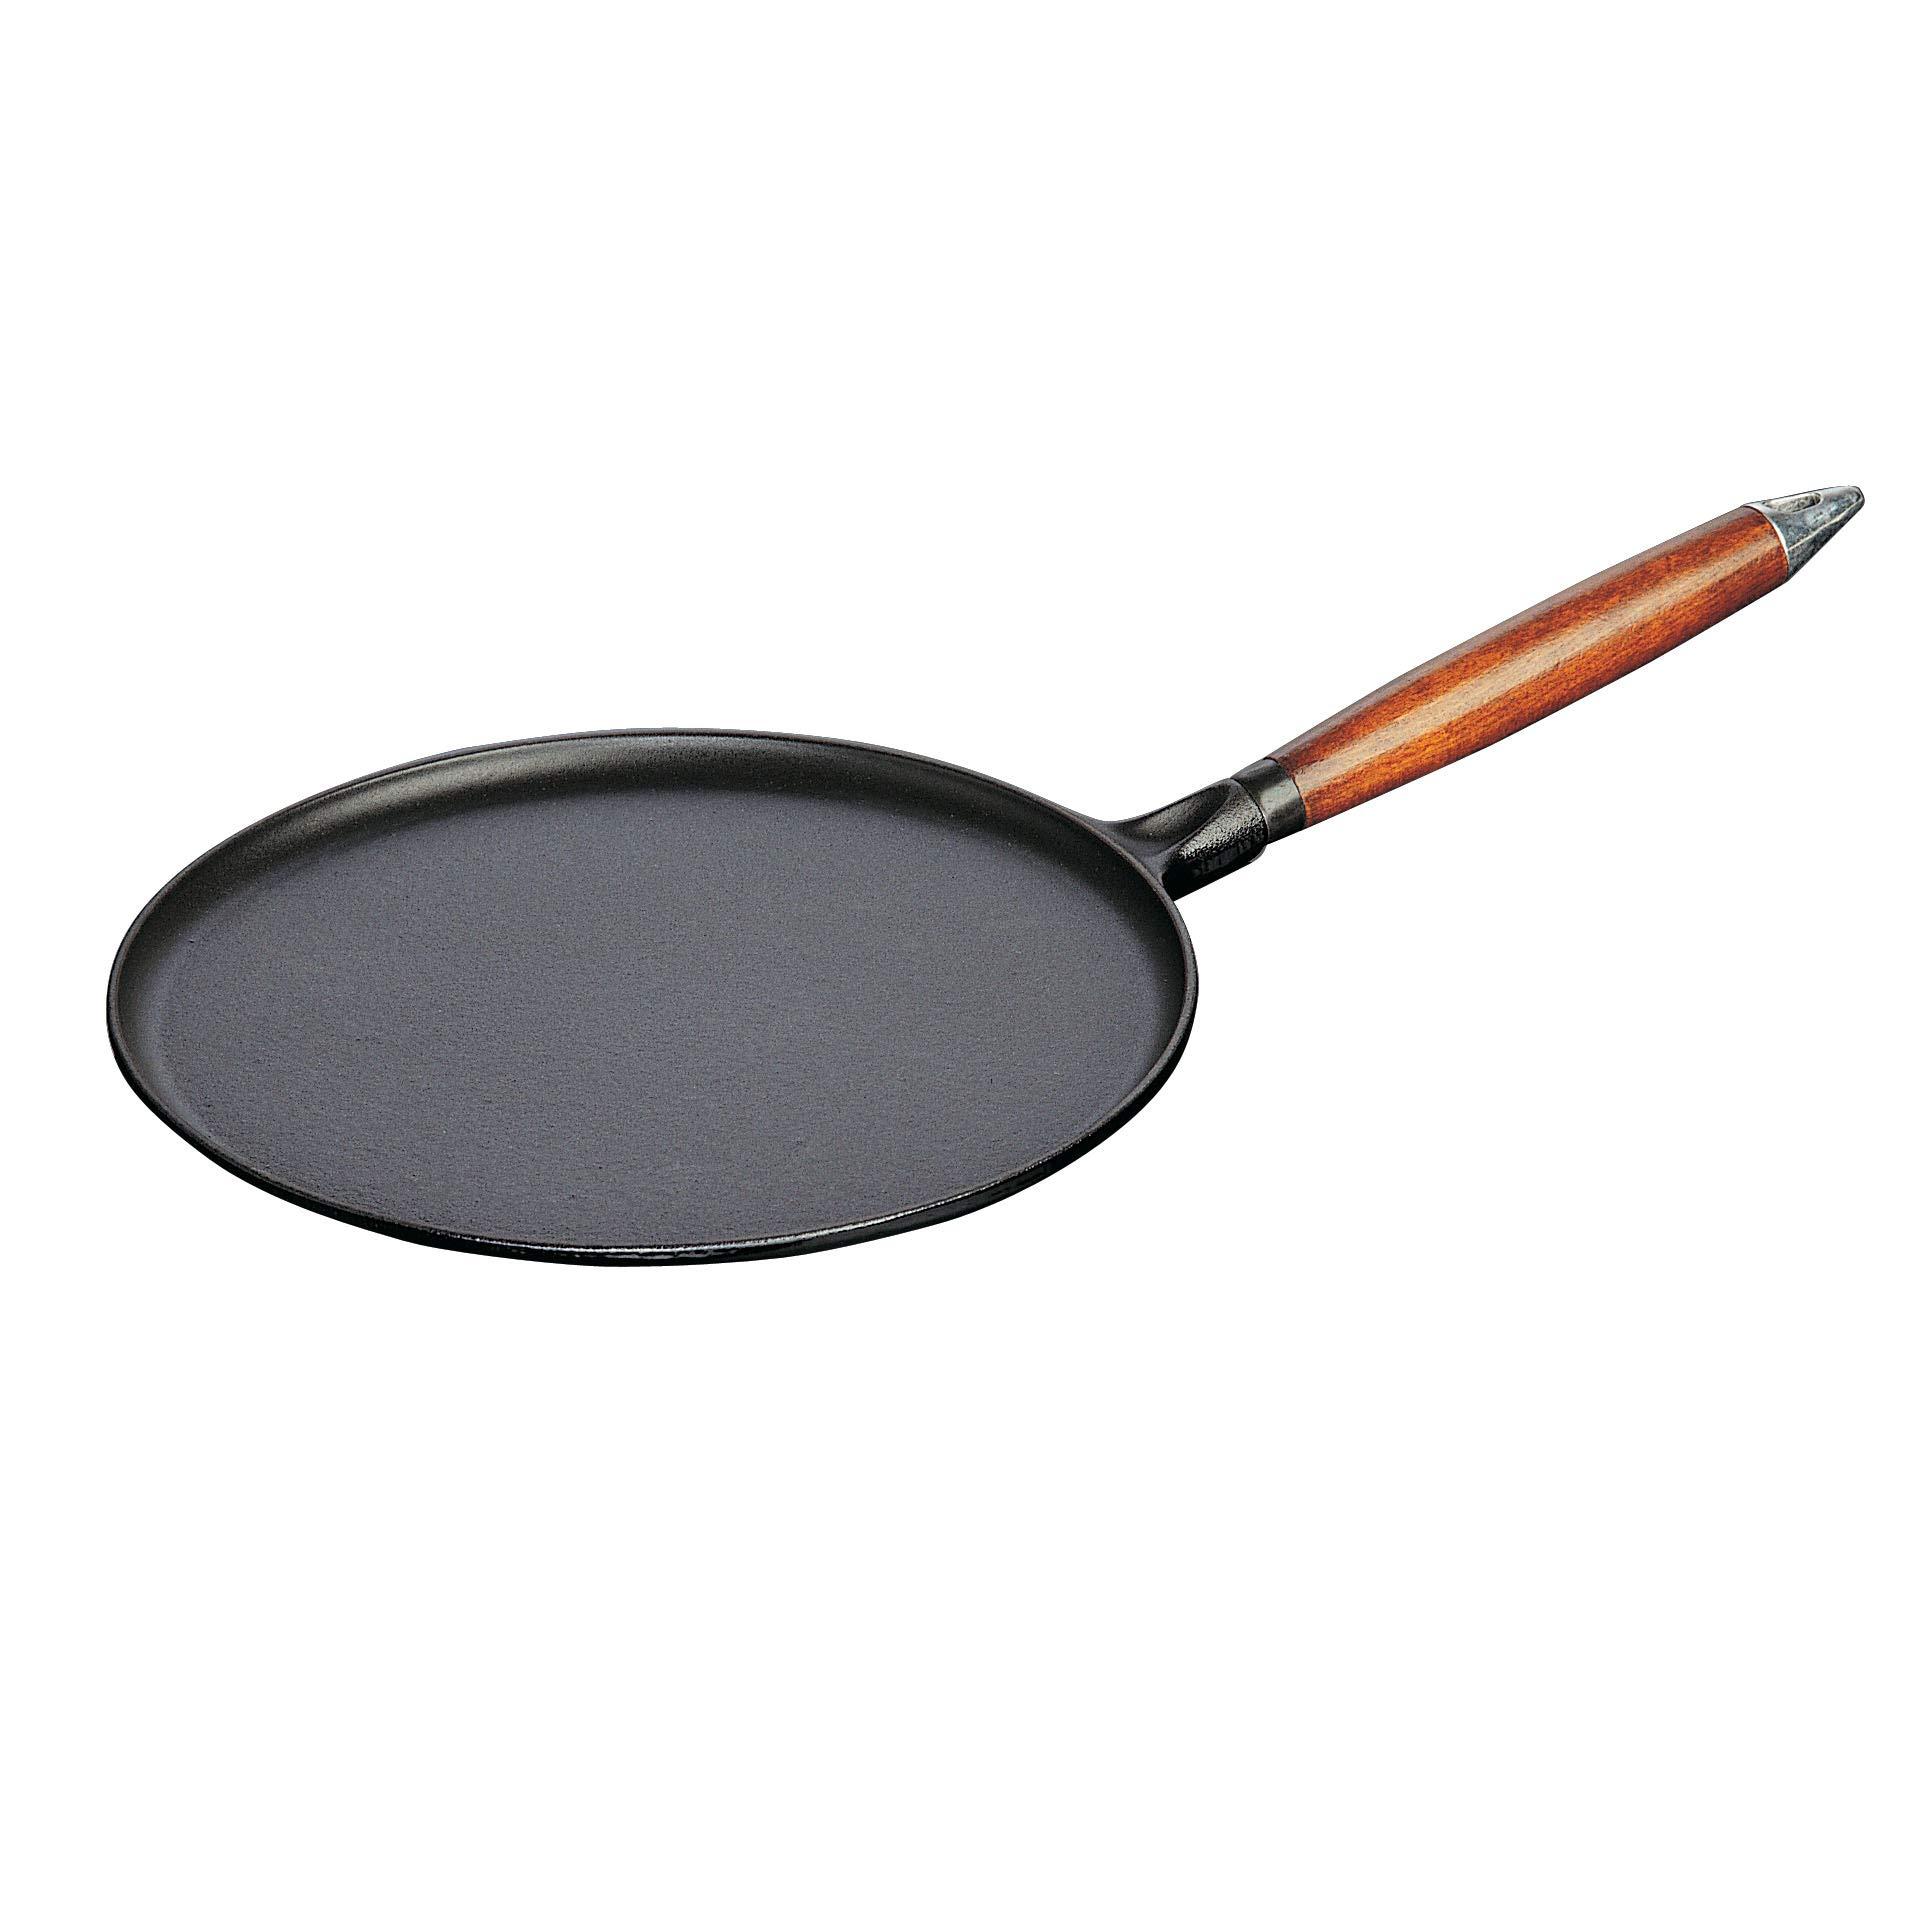 Staub 1212823 Crepe Pan, 11'', Matte Black by Staub